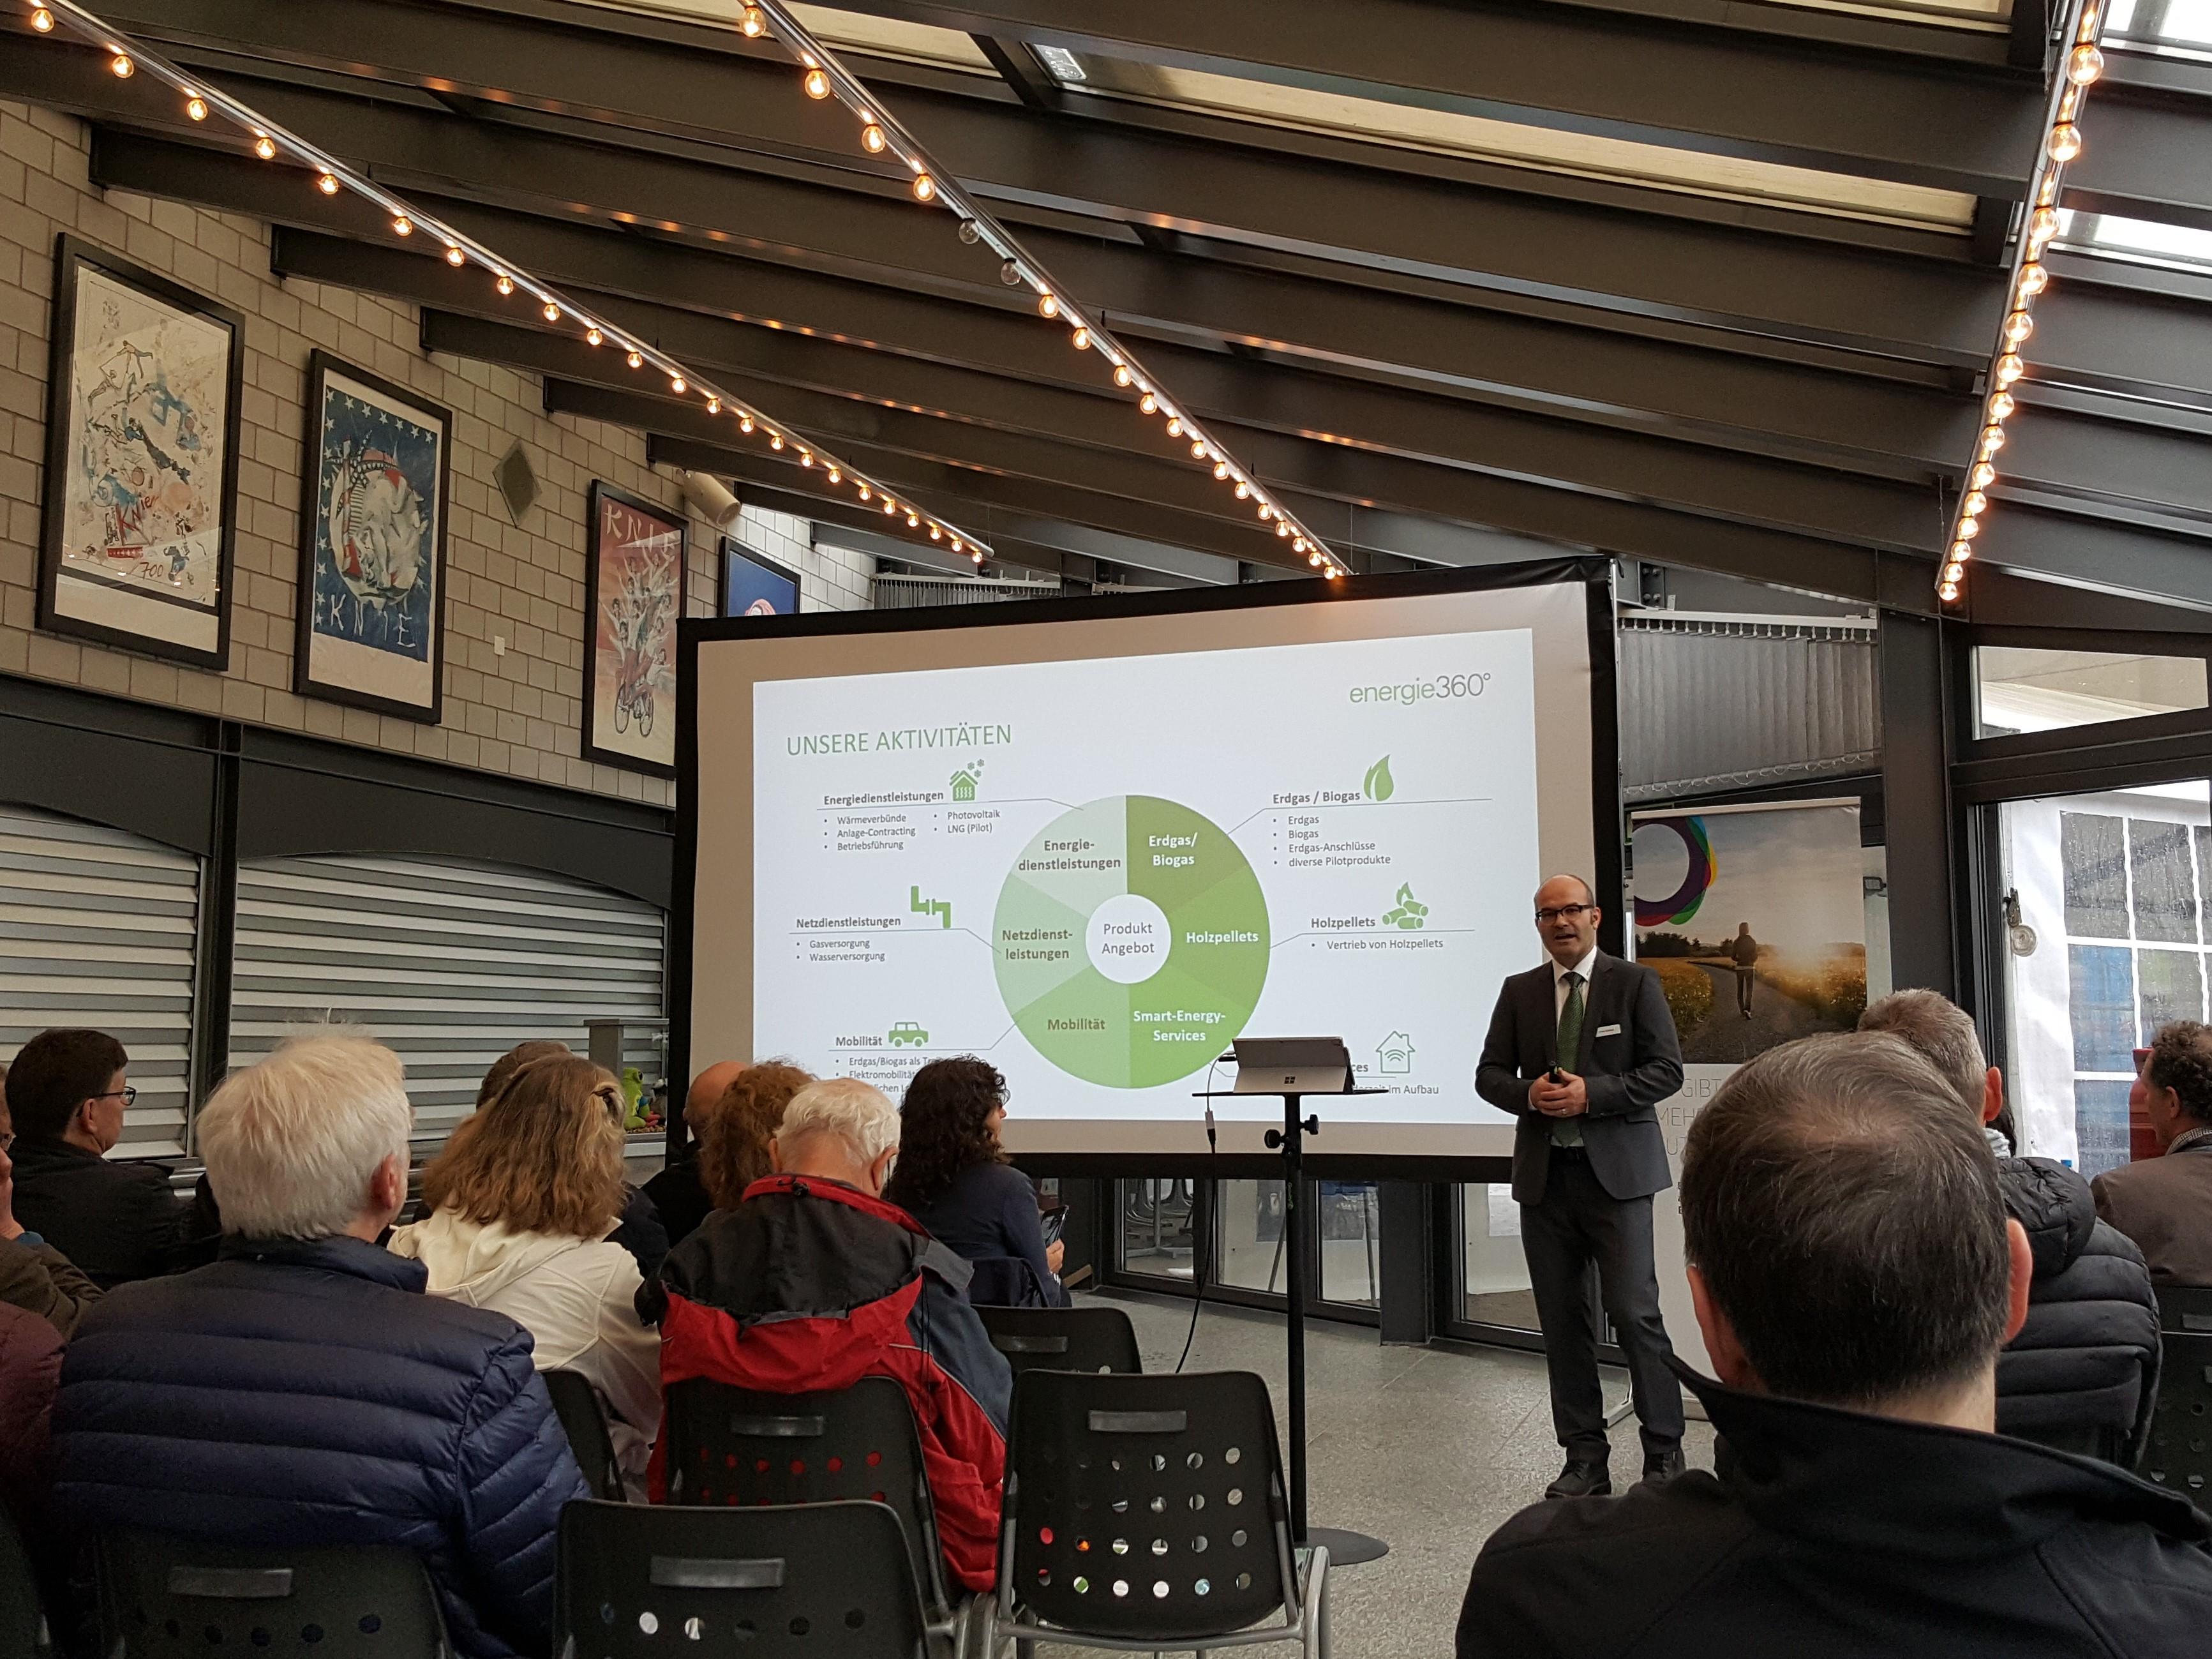 Peter Dietiker, Bereichsleiter Erneuerbare Energien eröffnet den Reigen der Präsentationen und zeigt den Tätigkeitsbereich von Energie 360° auf.